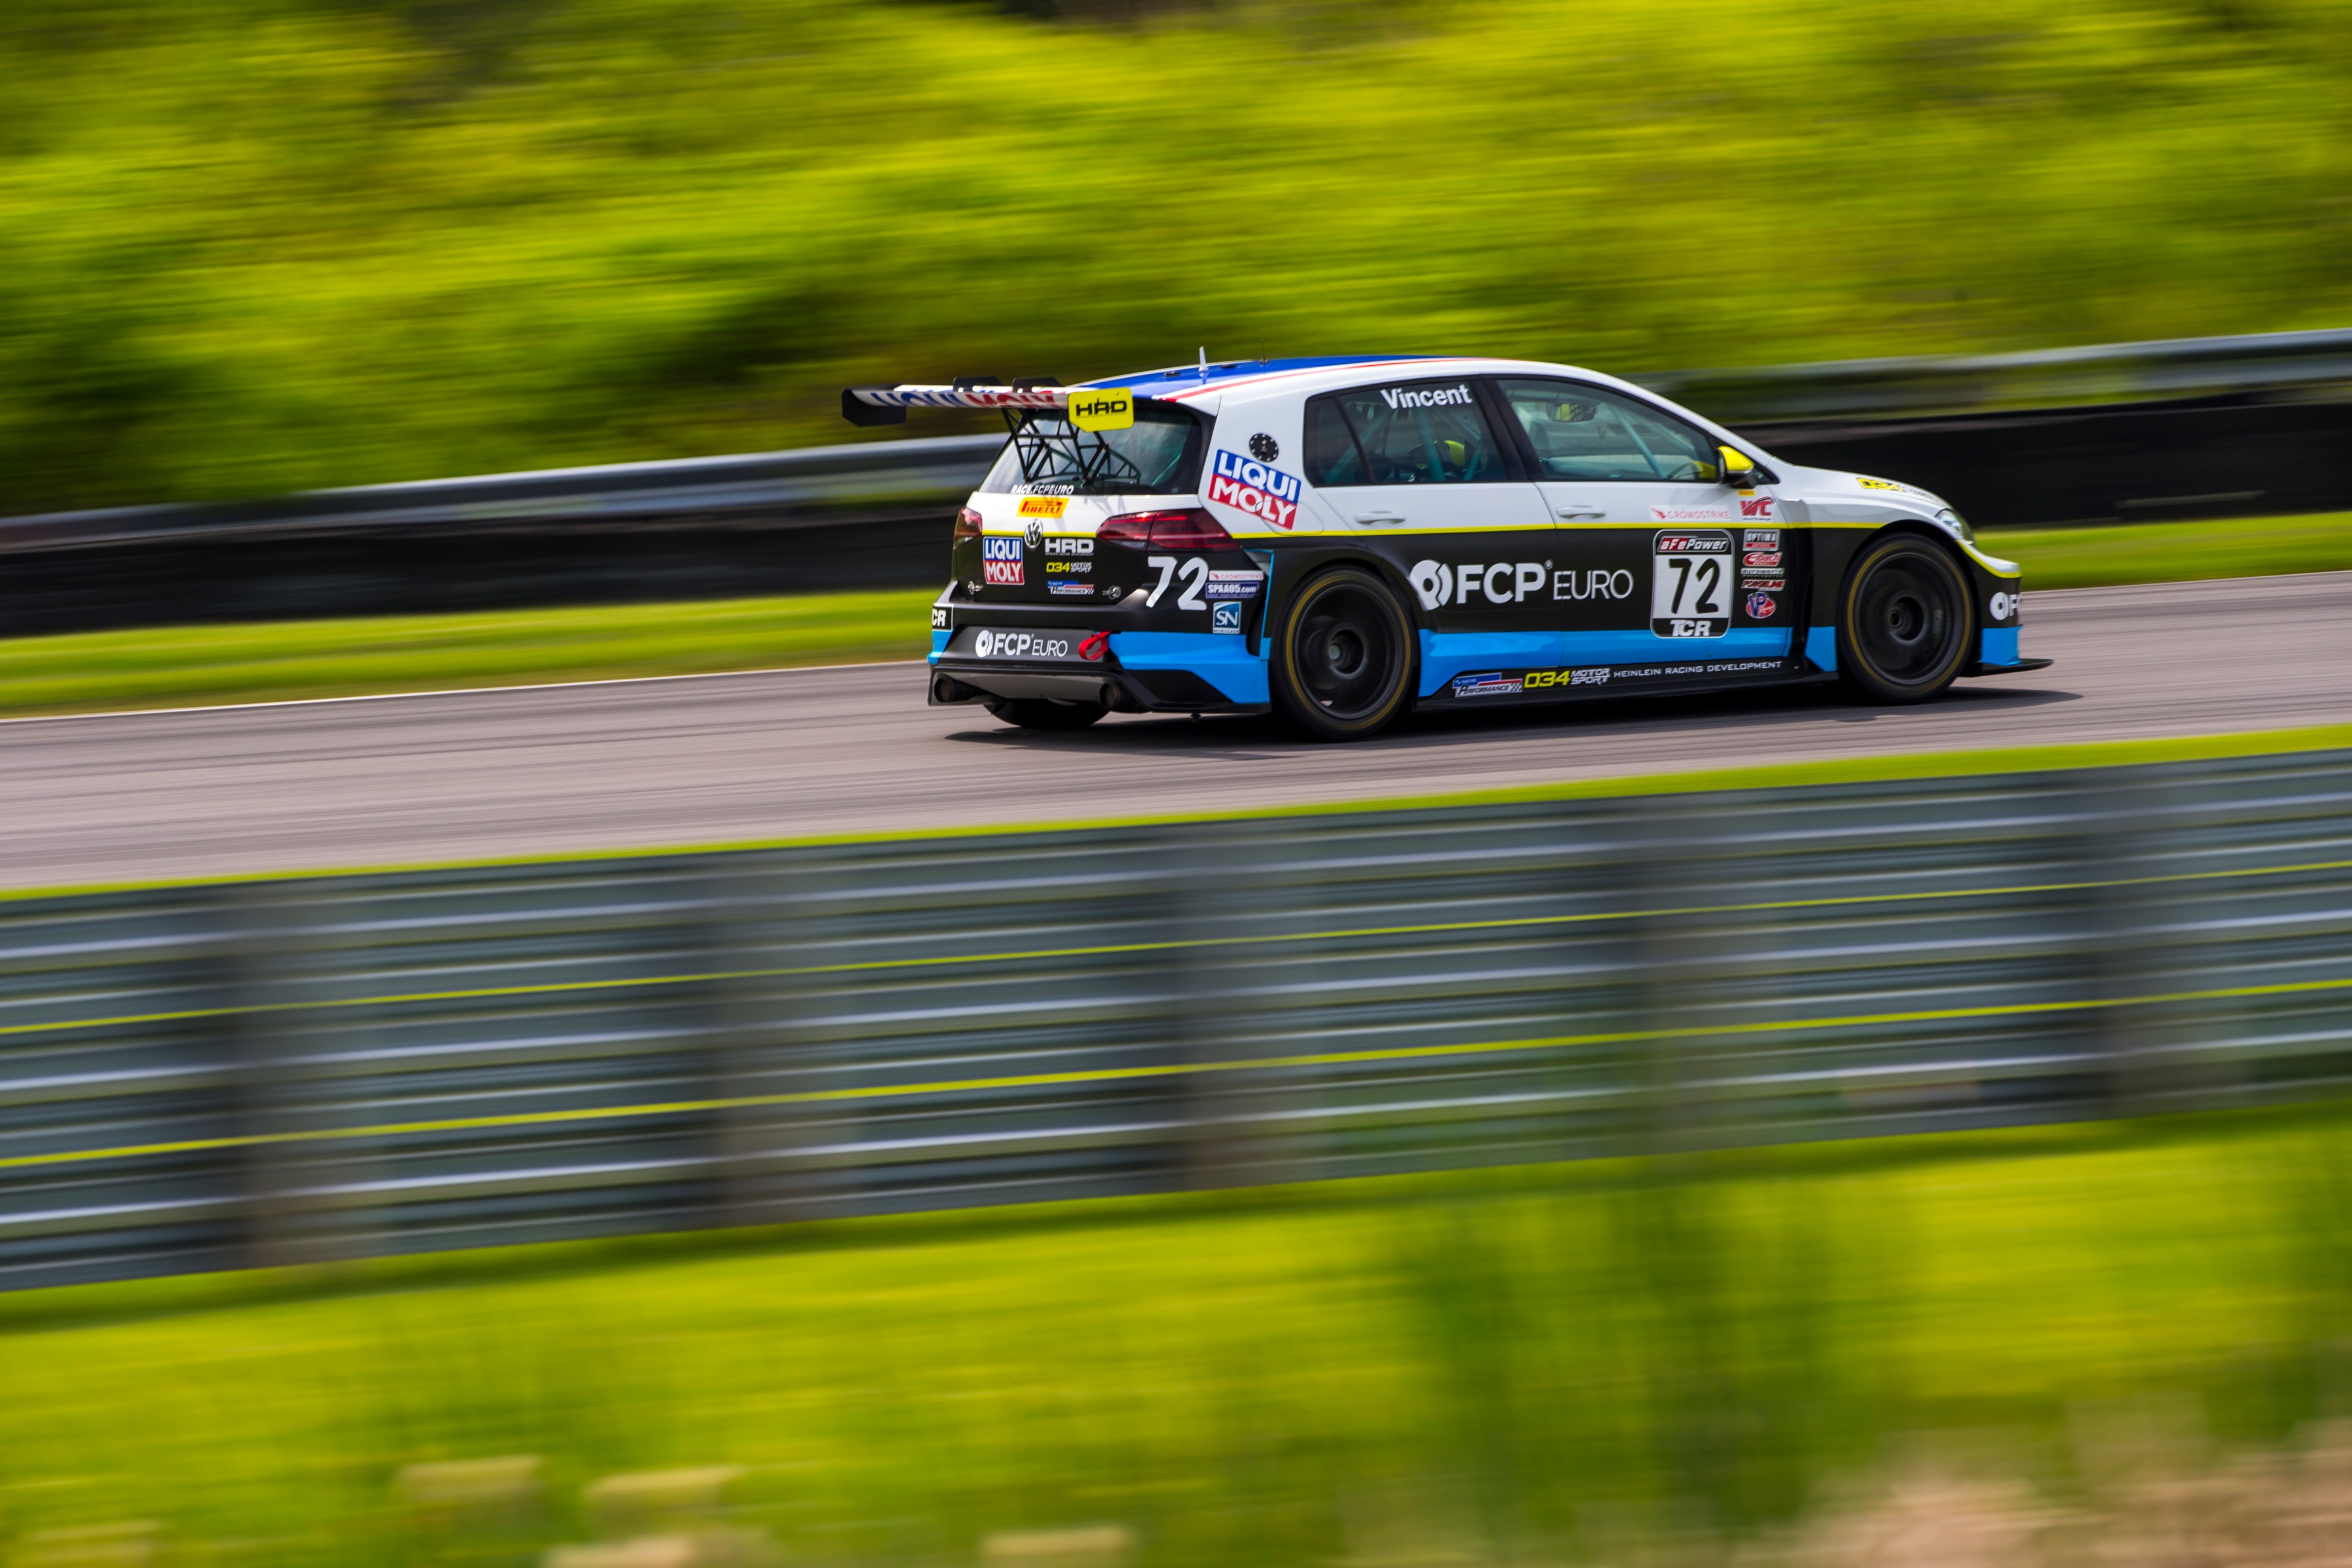 2018-Volkswagen-GTI-TCR-LRP-4